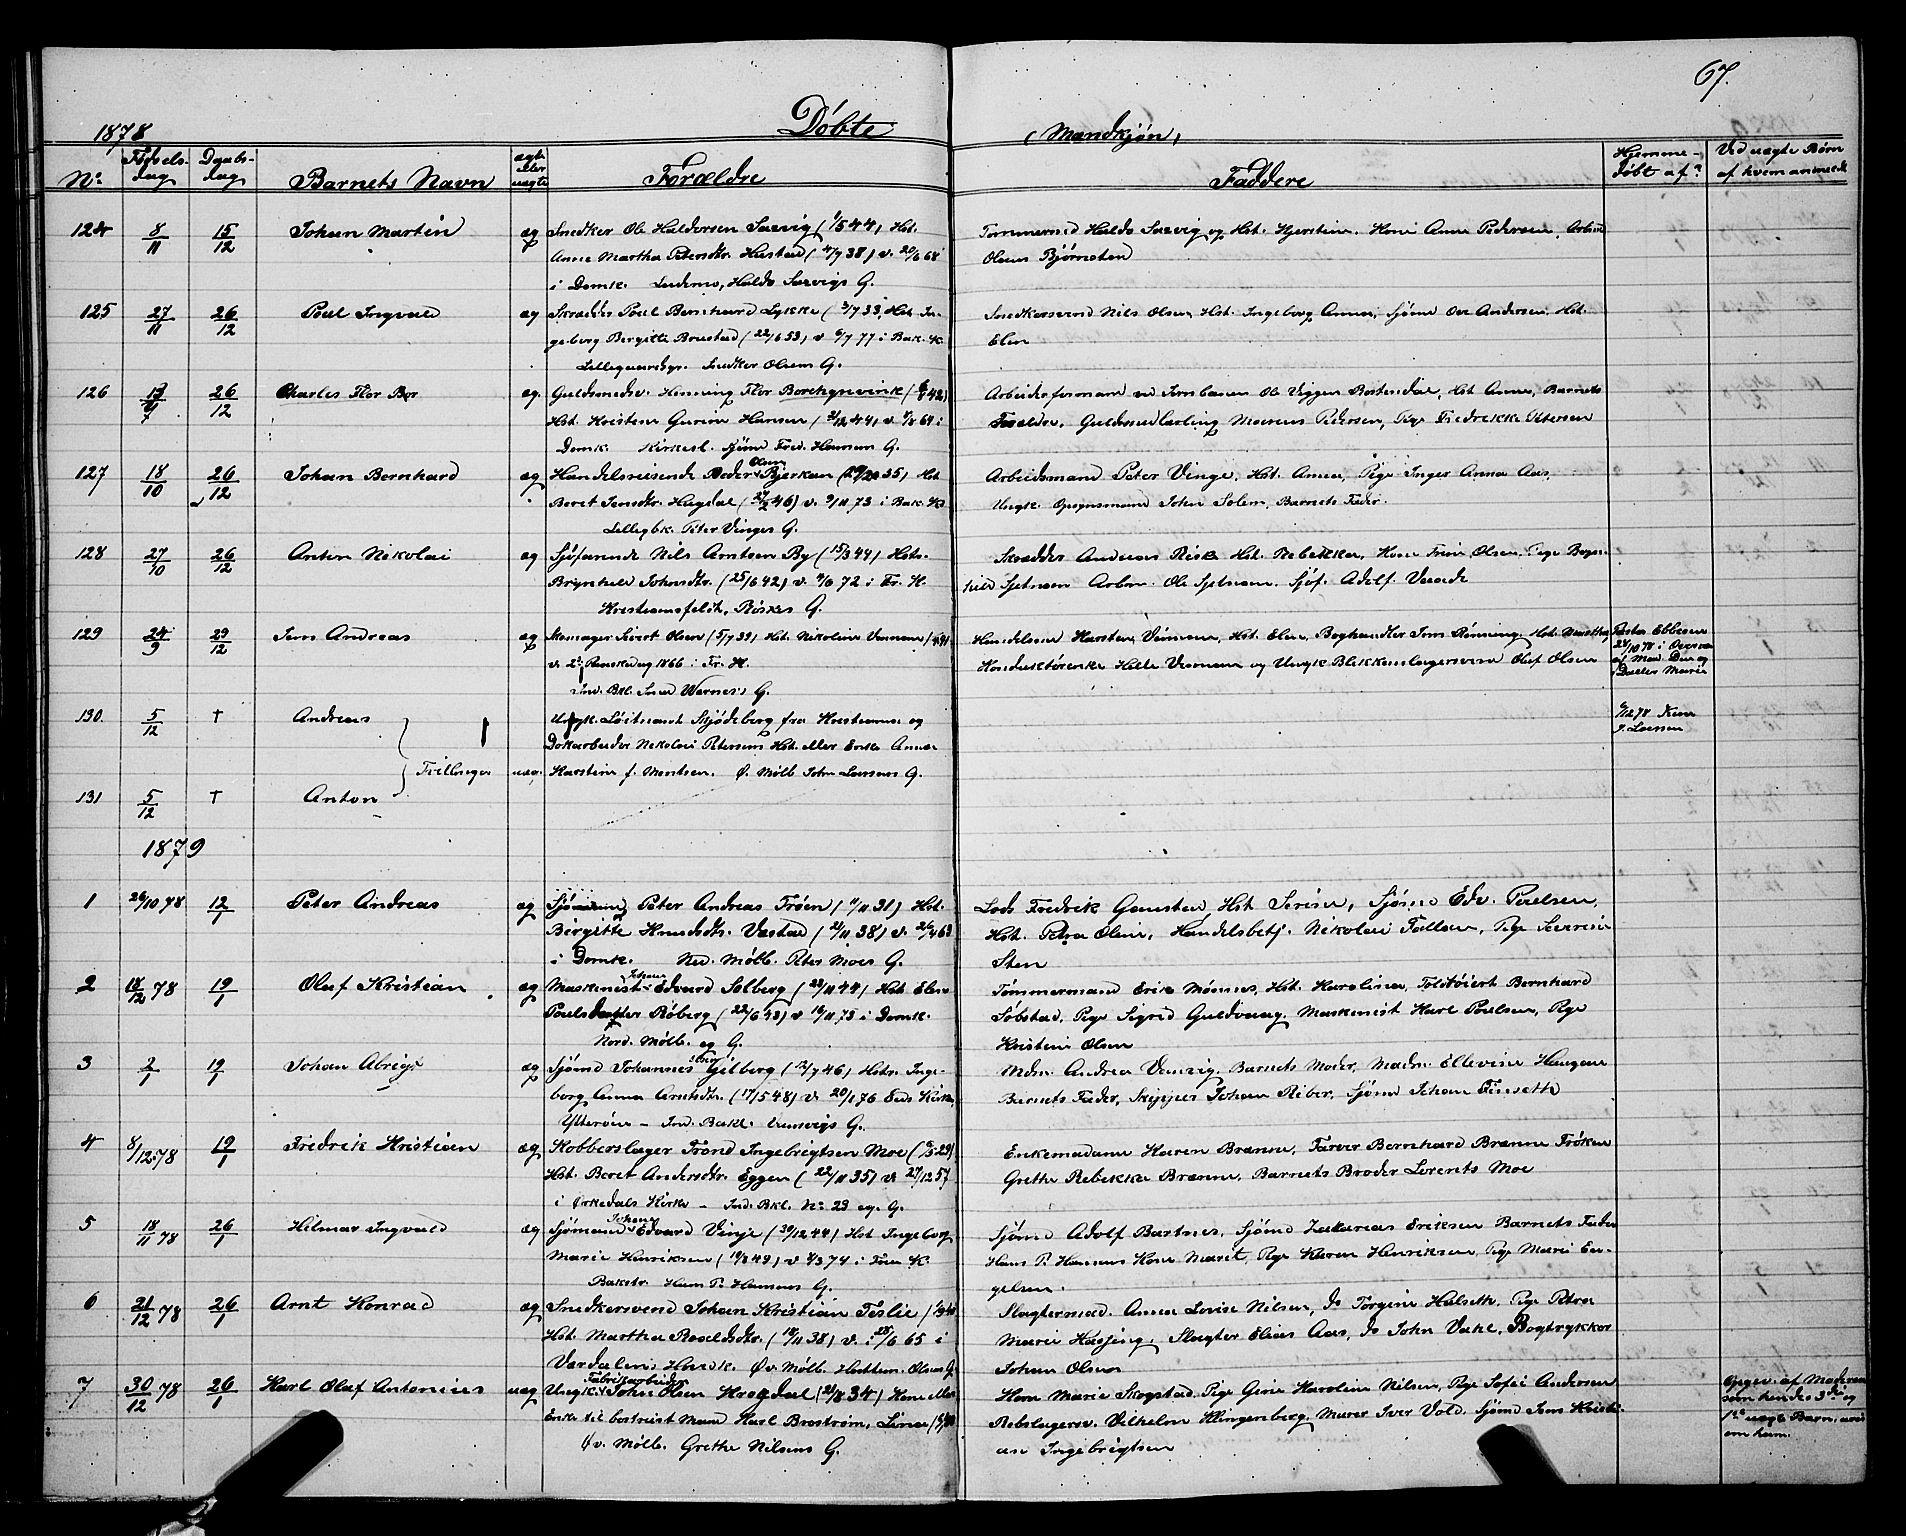 SAT, Ministerialprotokoller, klokkerbøker og fødselsregistre - Sør-Trøndelag, 604/L0220: Klokkerbok nr. 604C03, 1870-1885, s. 67